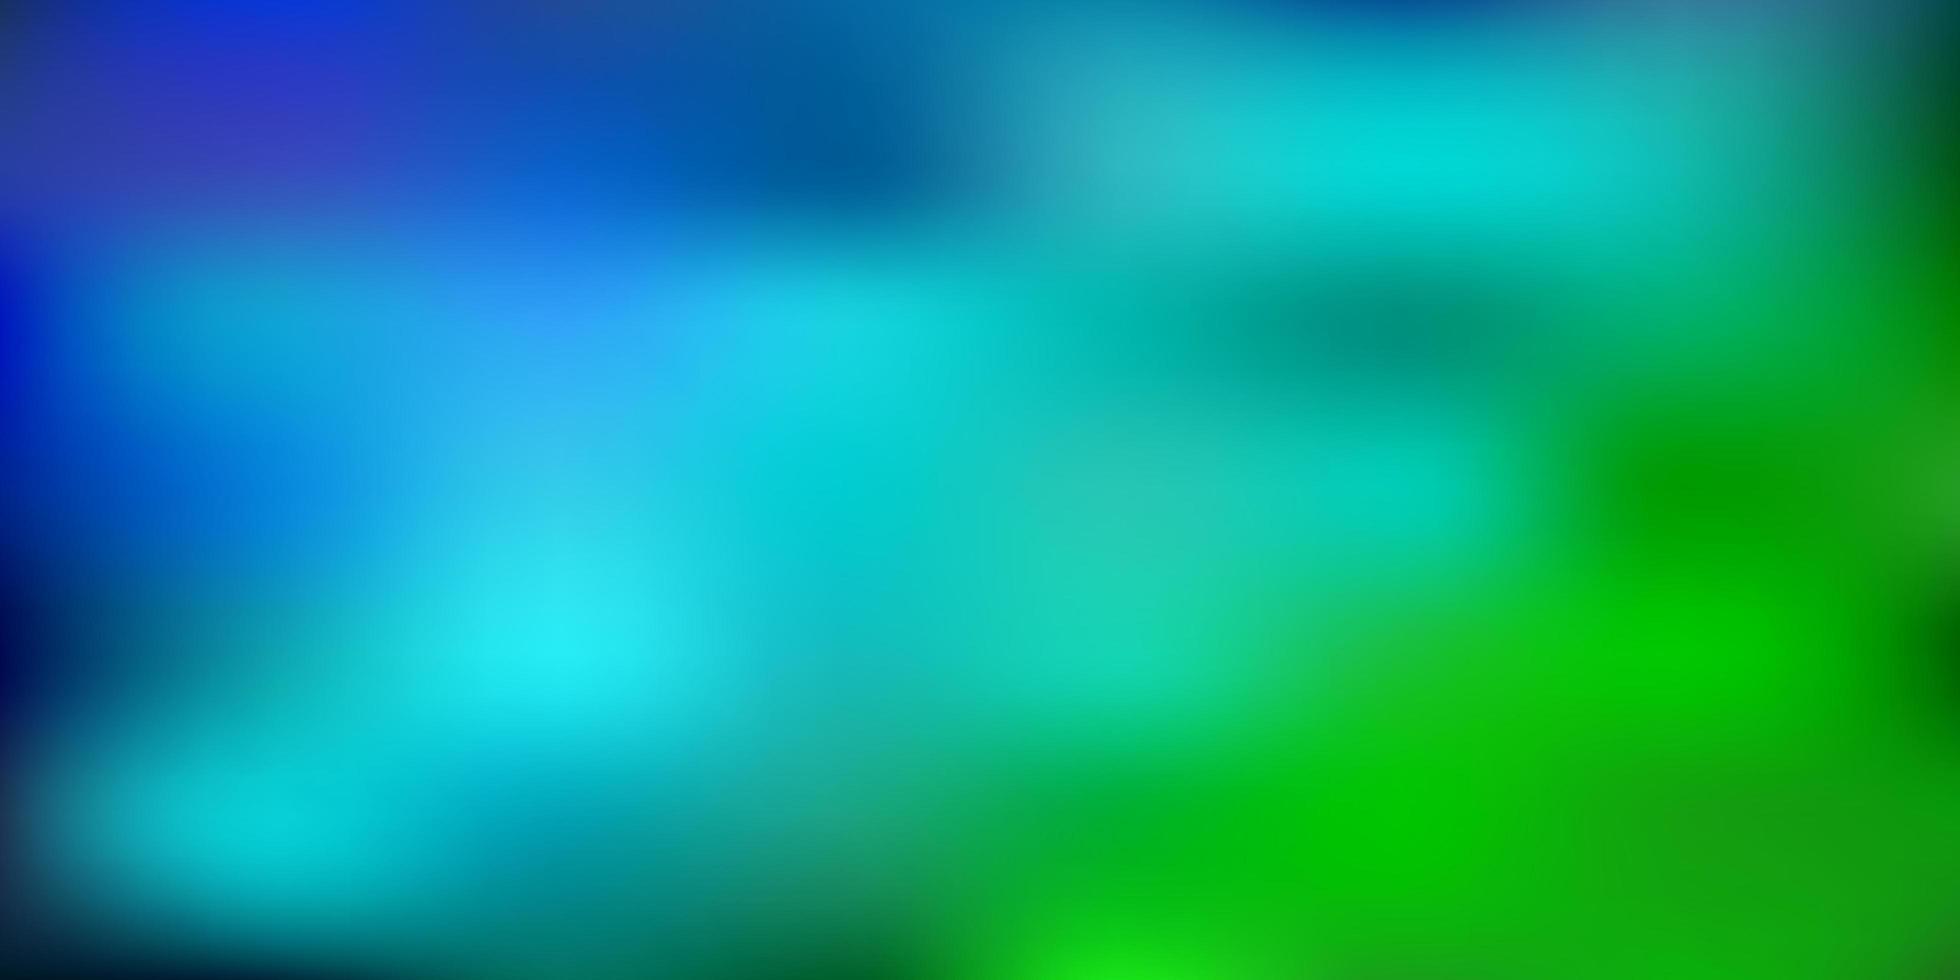 ljusblå, grön vektor suddig bakgrund.